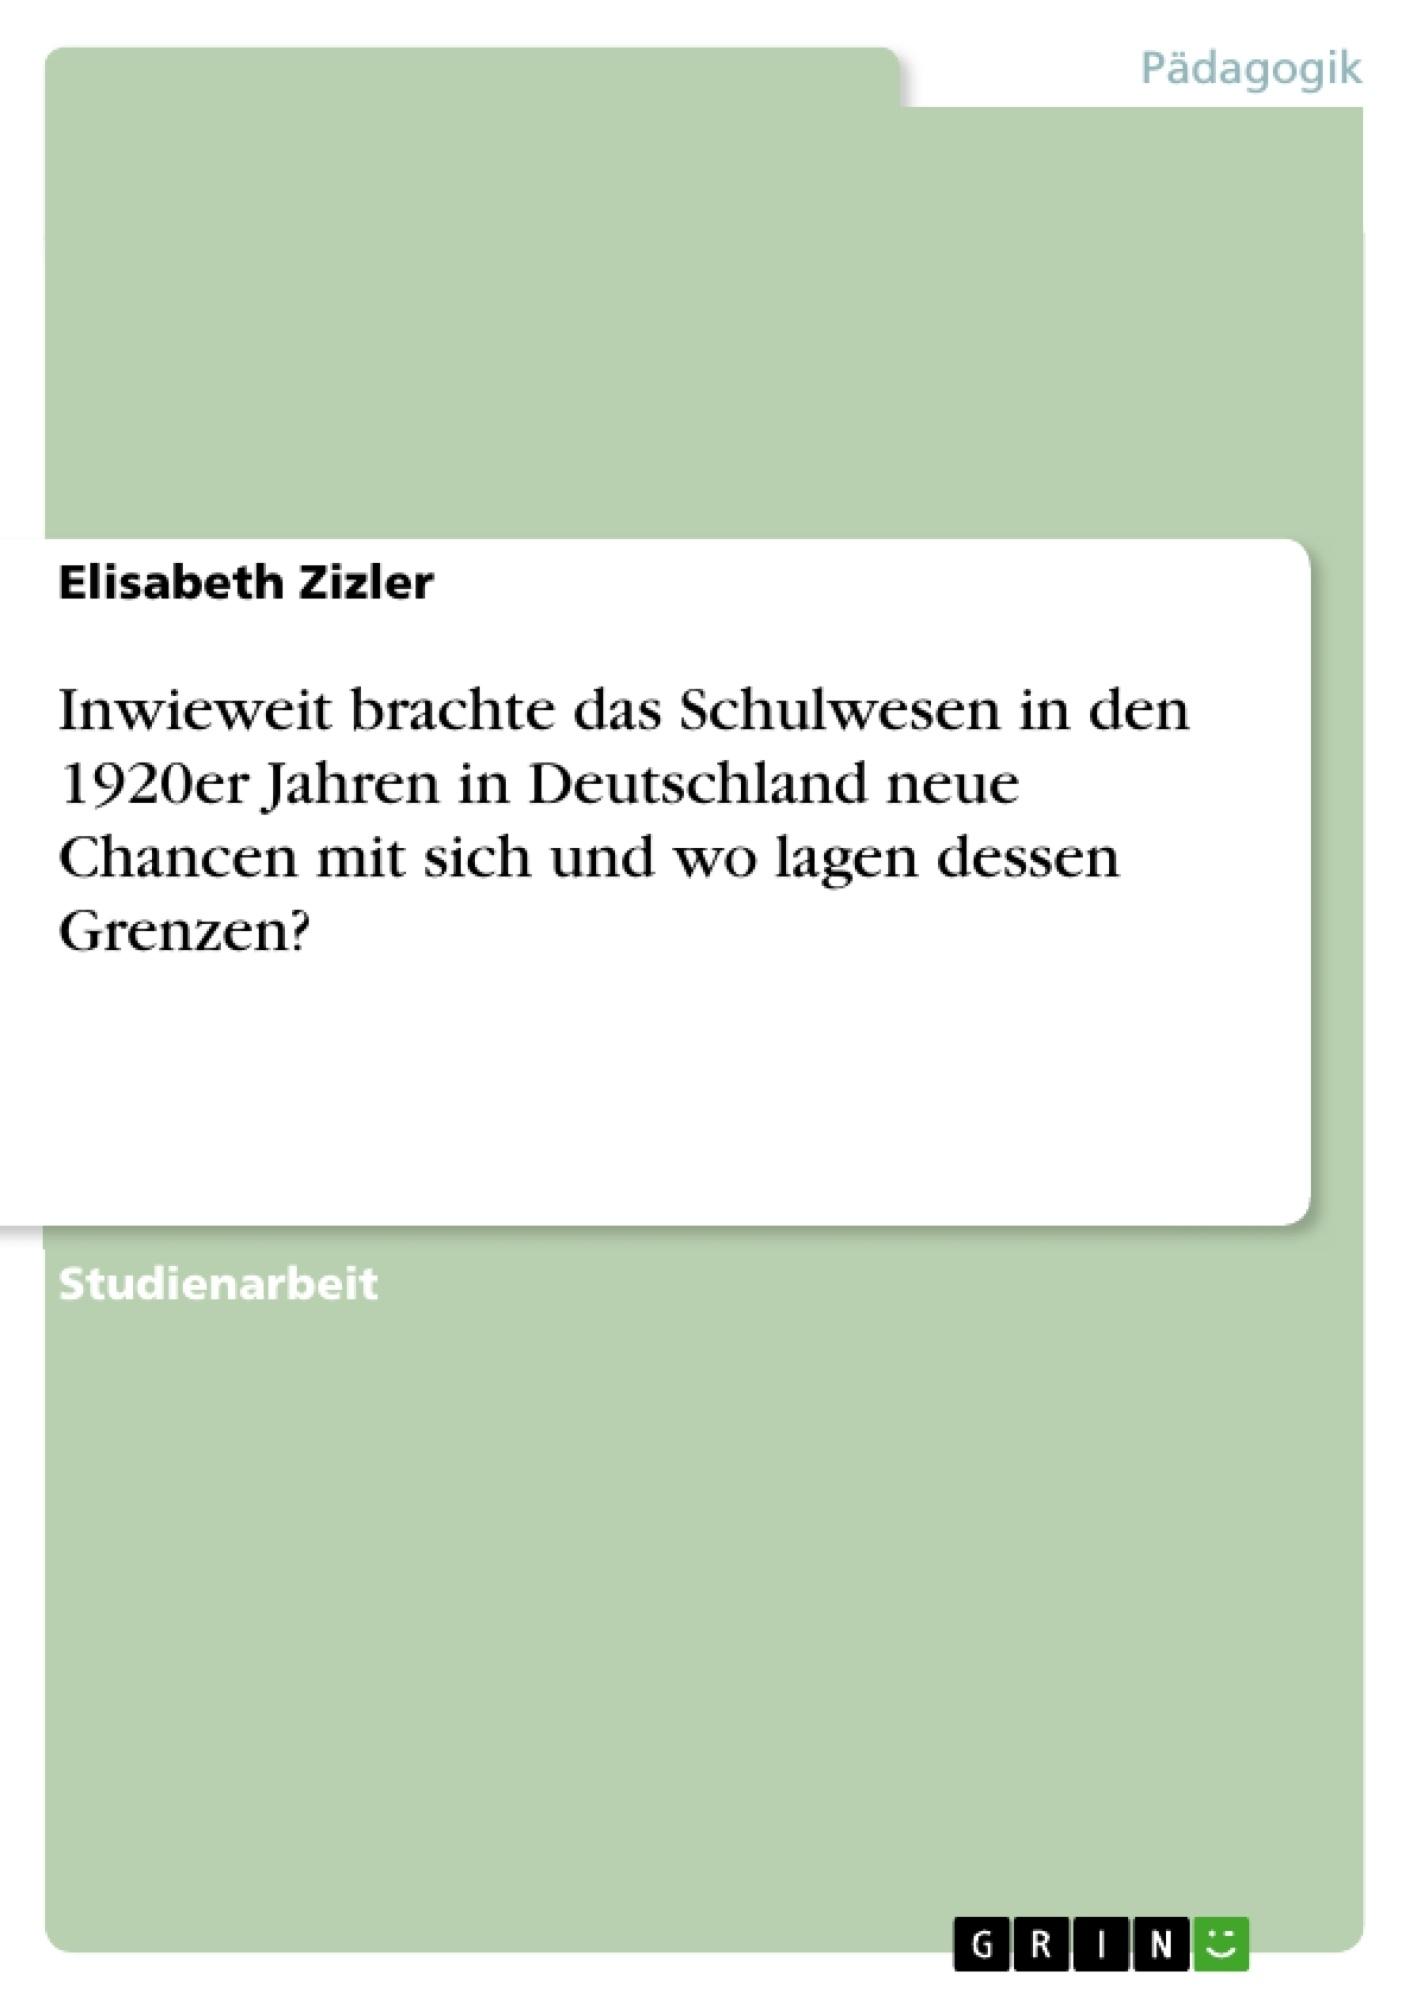 Titel: Inwieweit brachte das Schulwesen in den 1920er Jahren in Deutschland neue Chancen mit sich und wo lagen dessen Grenzen?